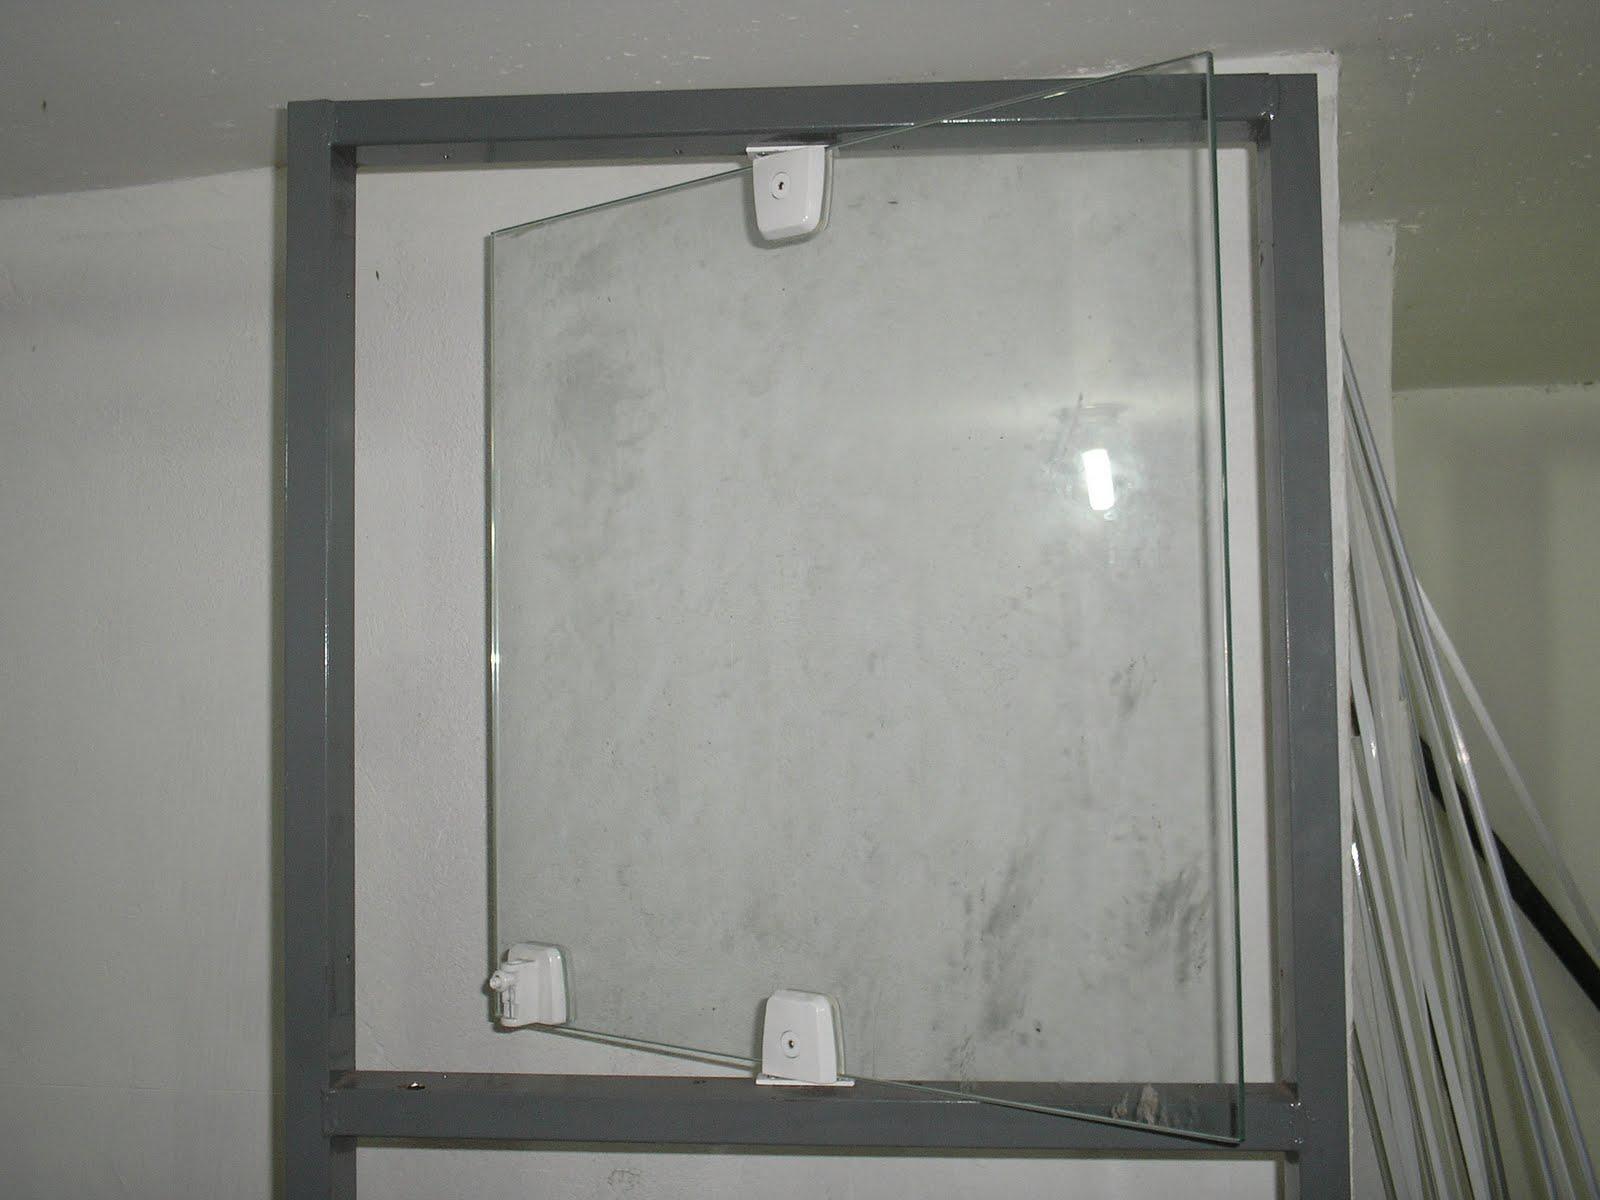 #5E6051 Pin Janelas Vidro Temperado 01 300x225 De Preço on Pinterest 350 Janelas De Vidro Temperado Preço Rj